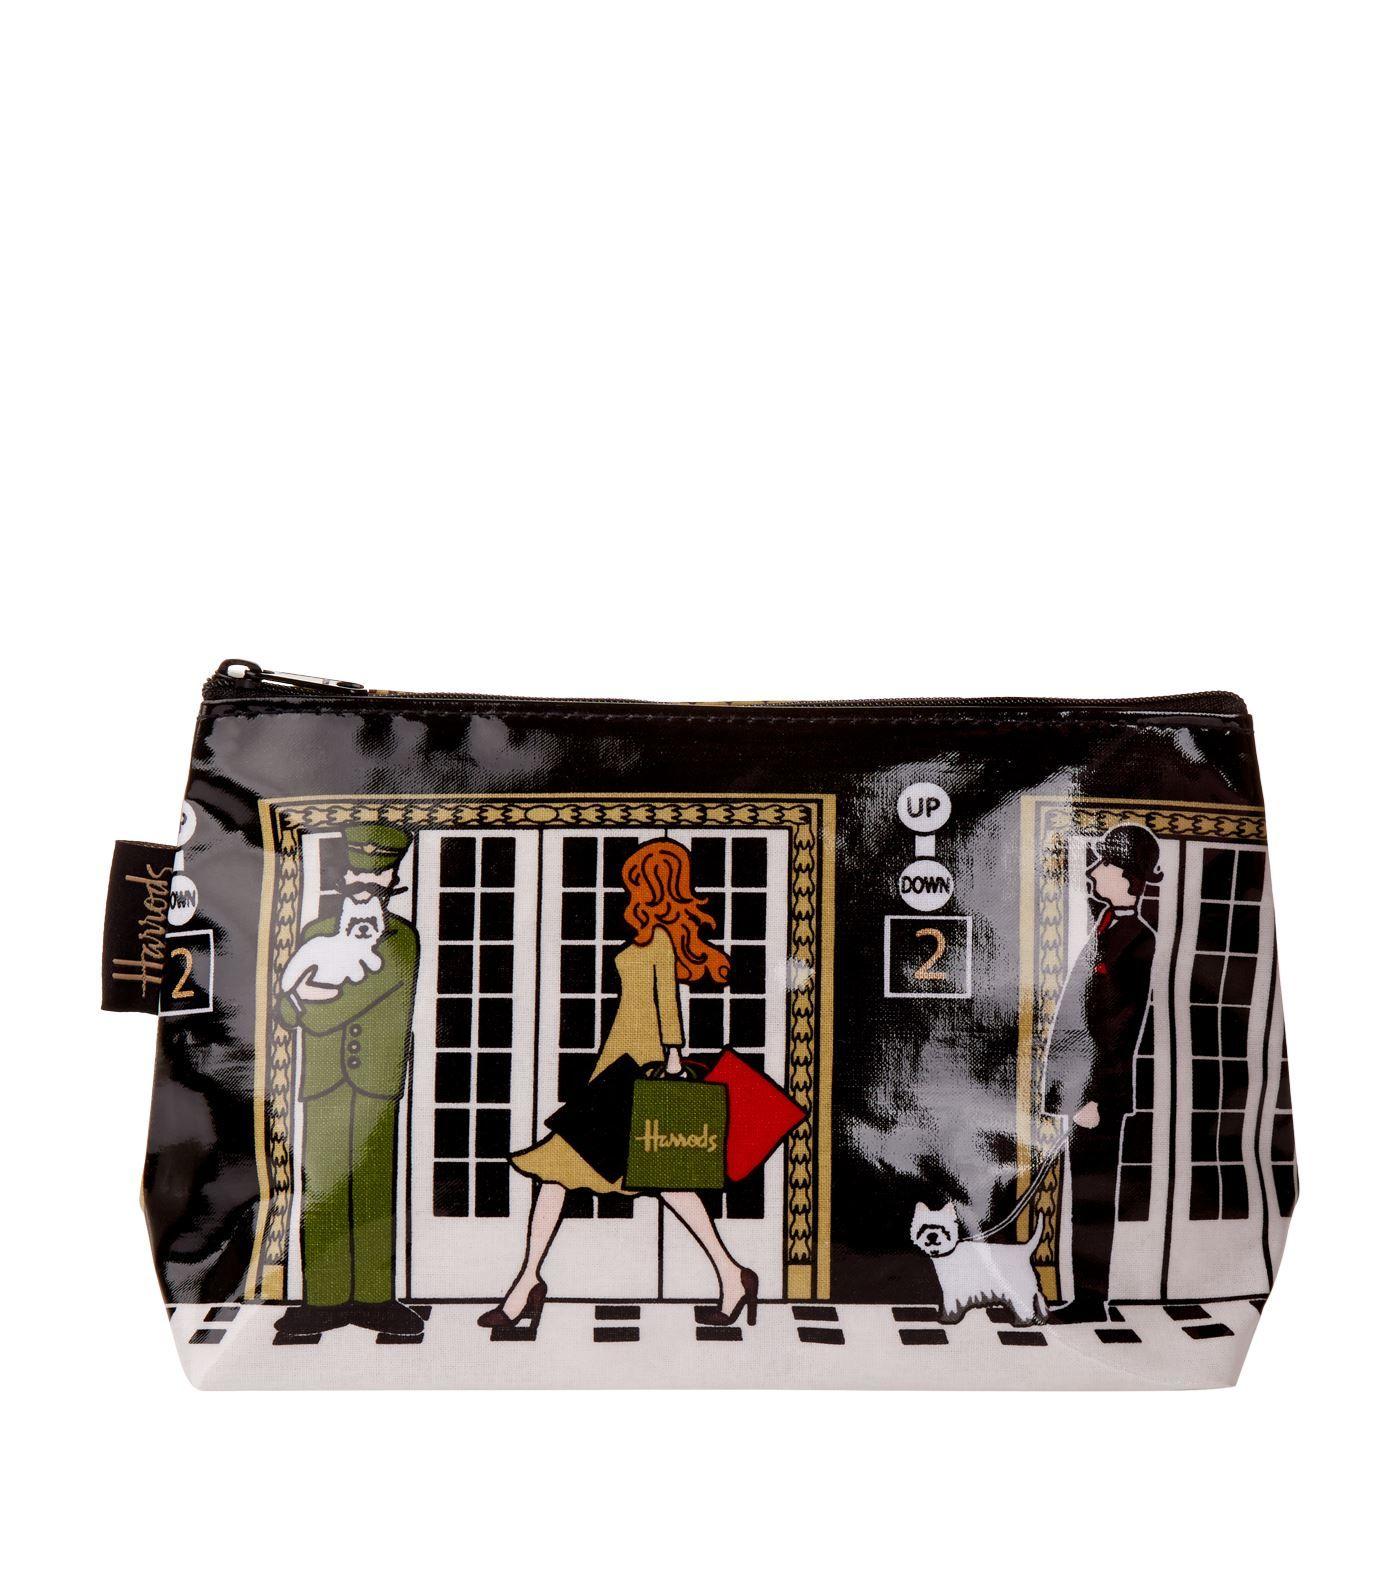 ee20de24ca Harrods Harrods Elevators Cosmetic Bag